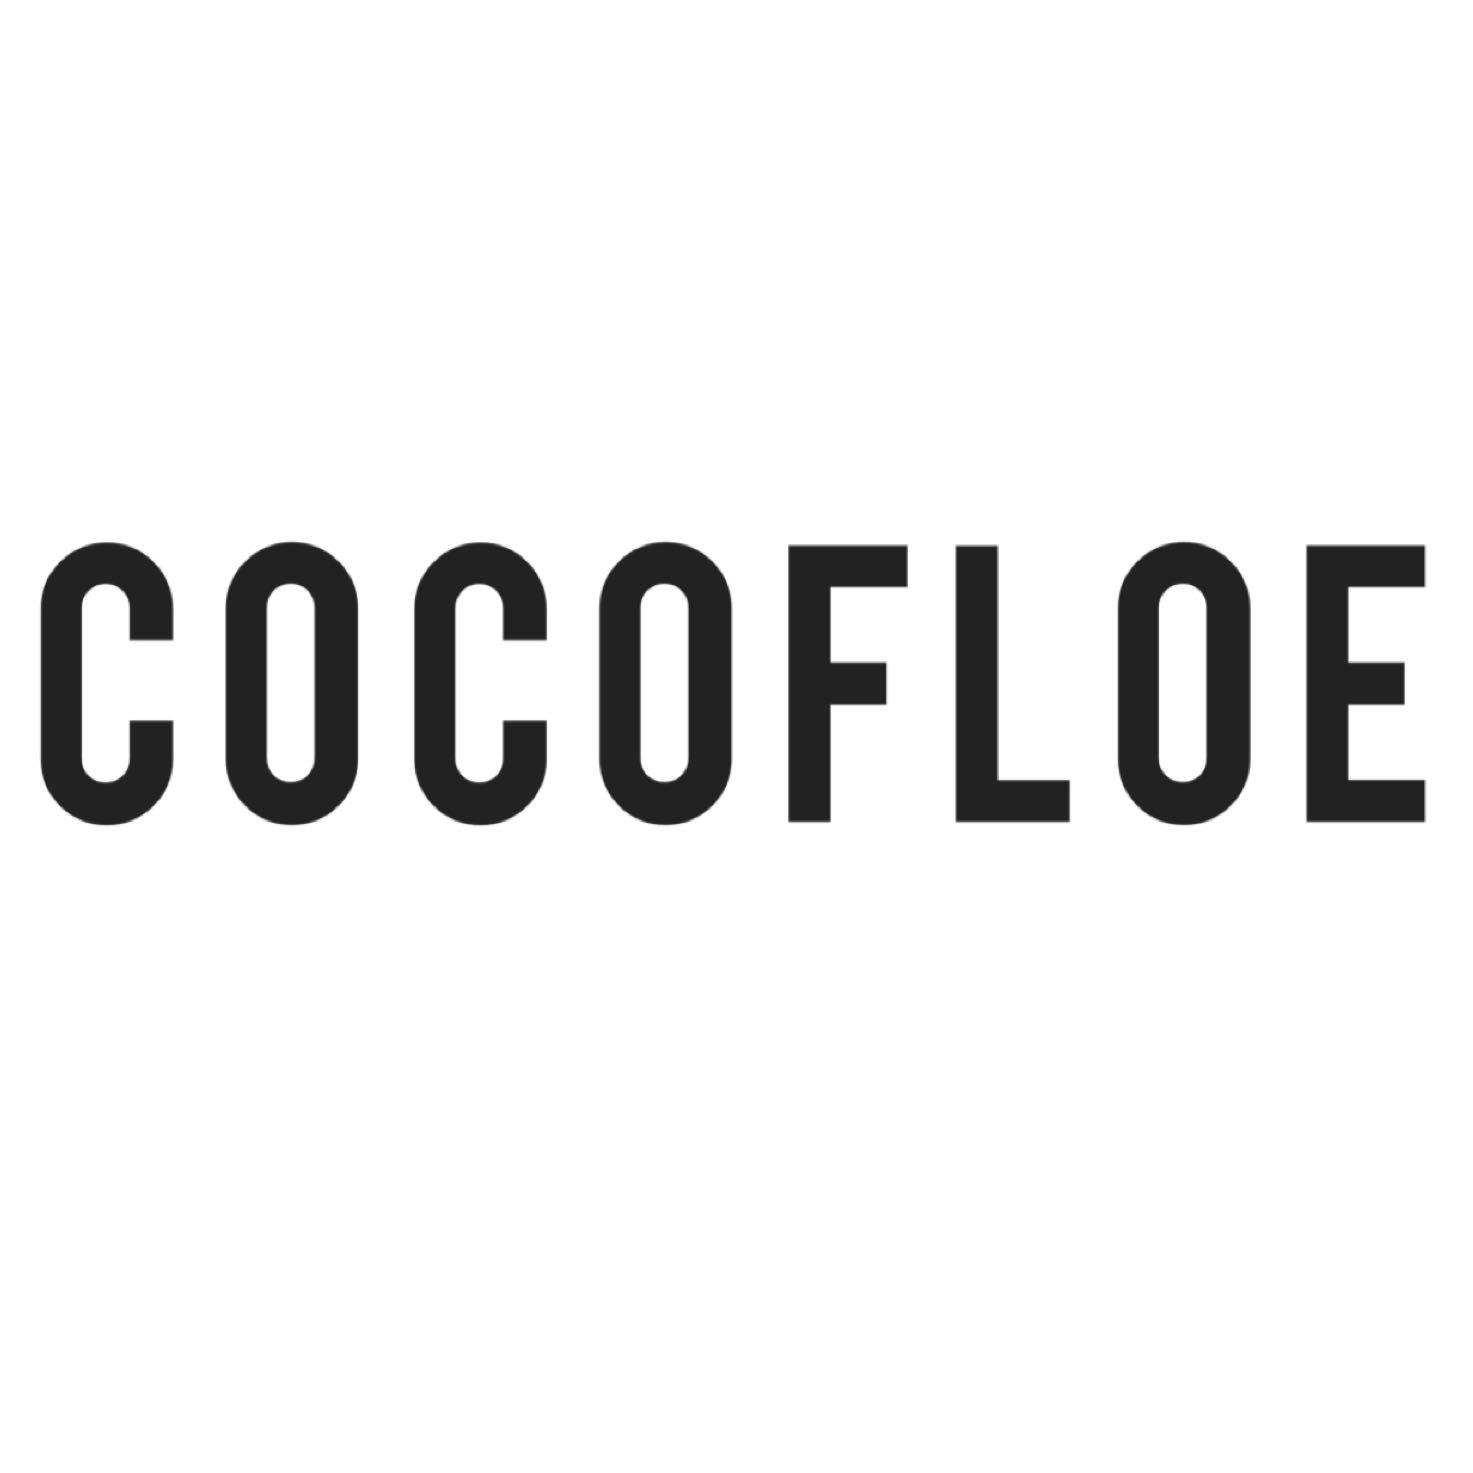 cocofloe